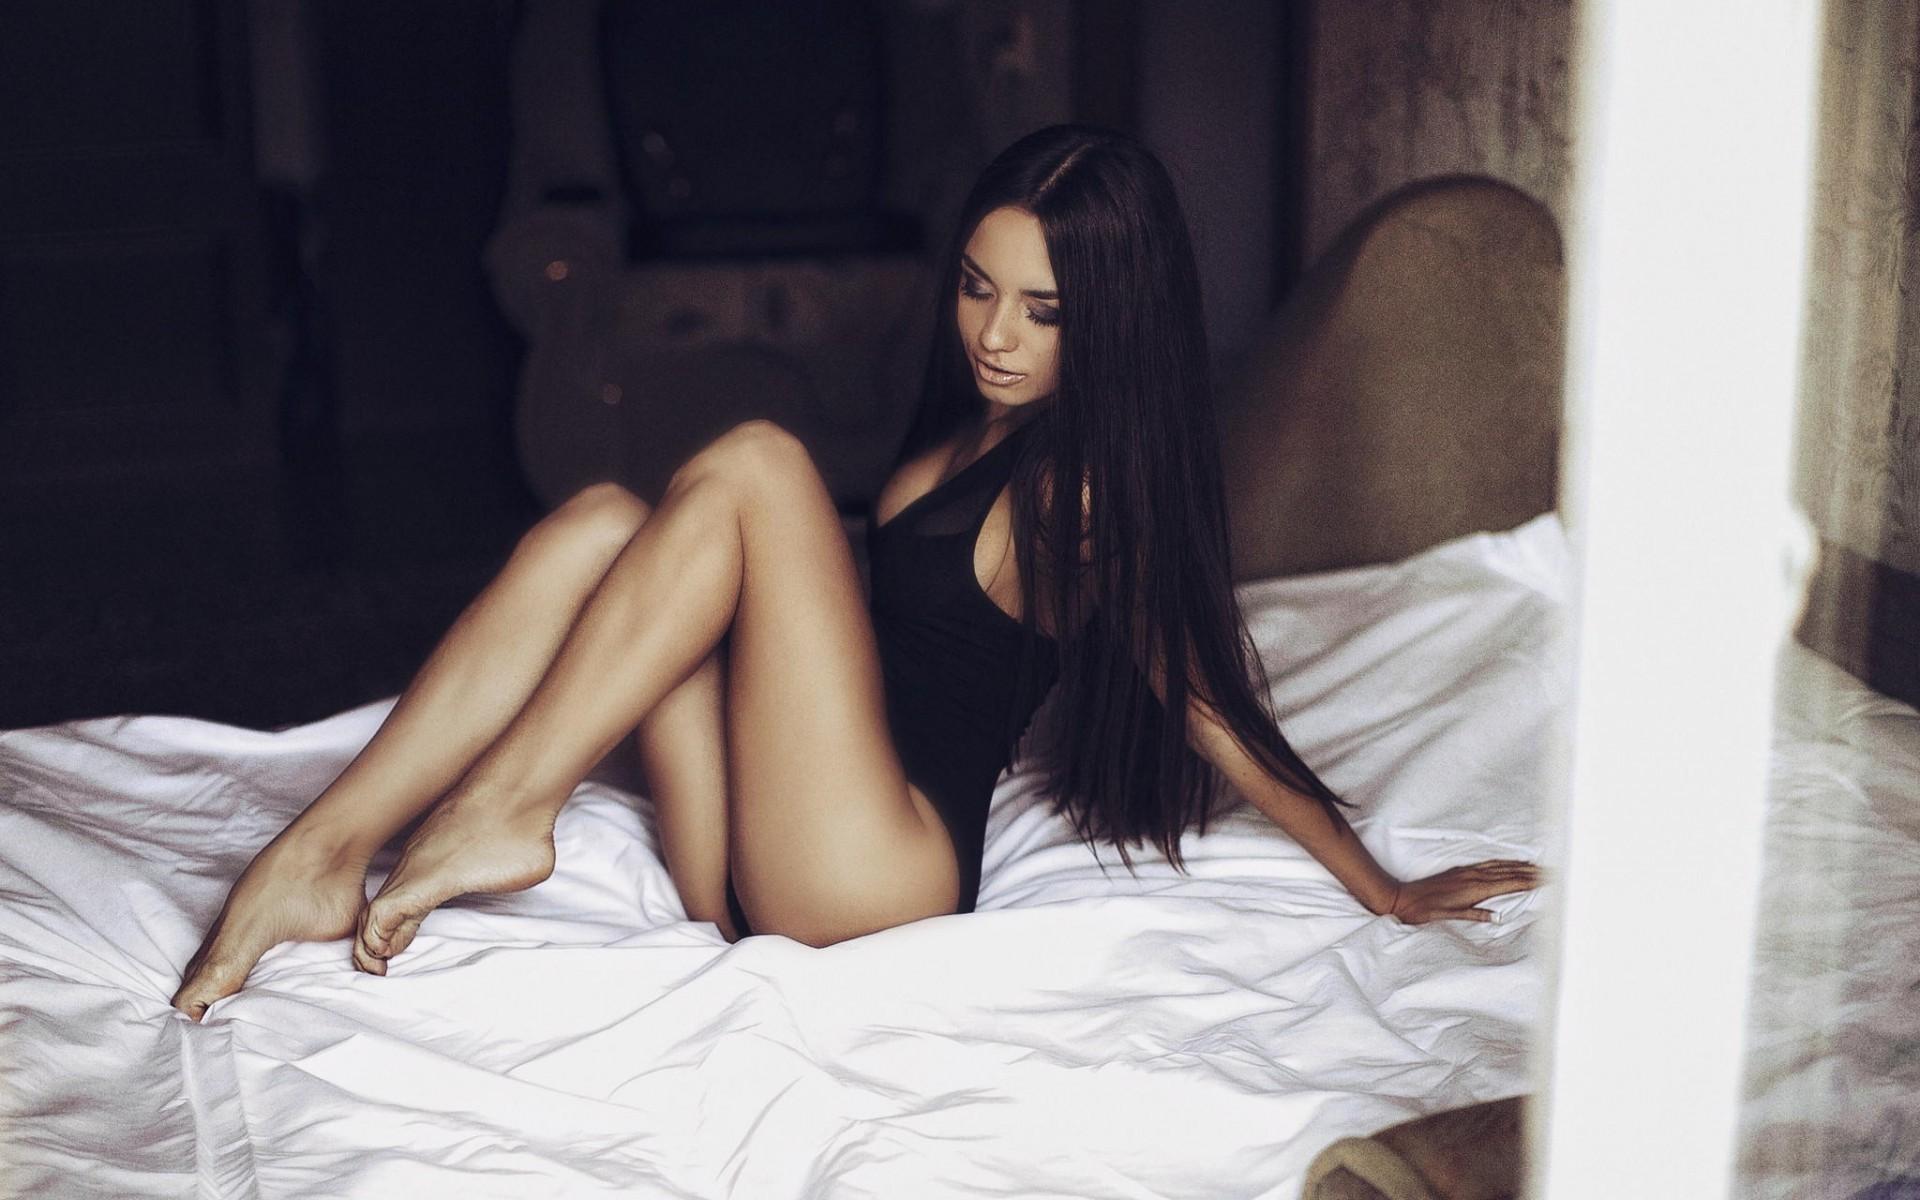 В постели с брюнеткой, телкам кончают в ротик нарезка